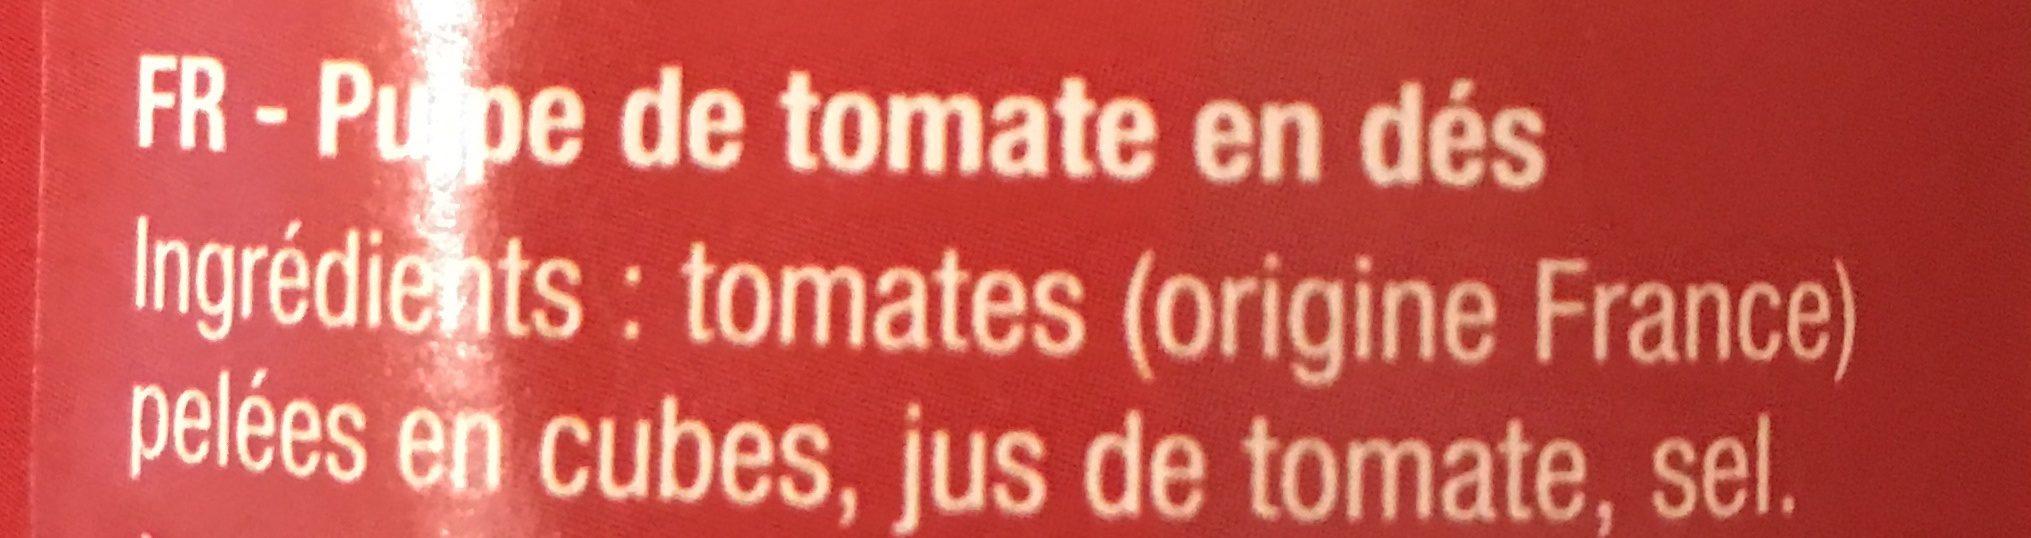 Pulpe de tomate en dés - Ingrédients - fr